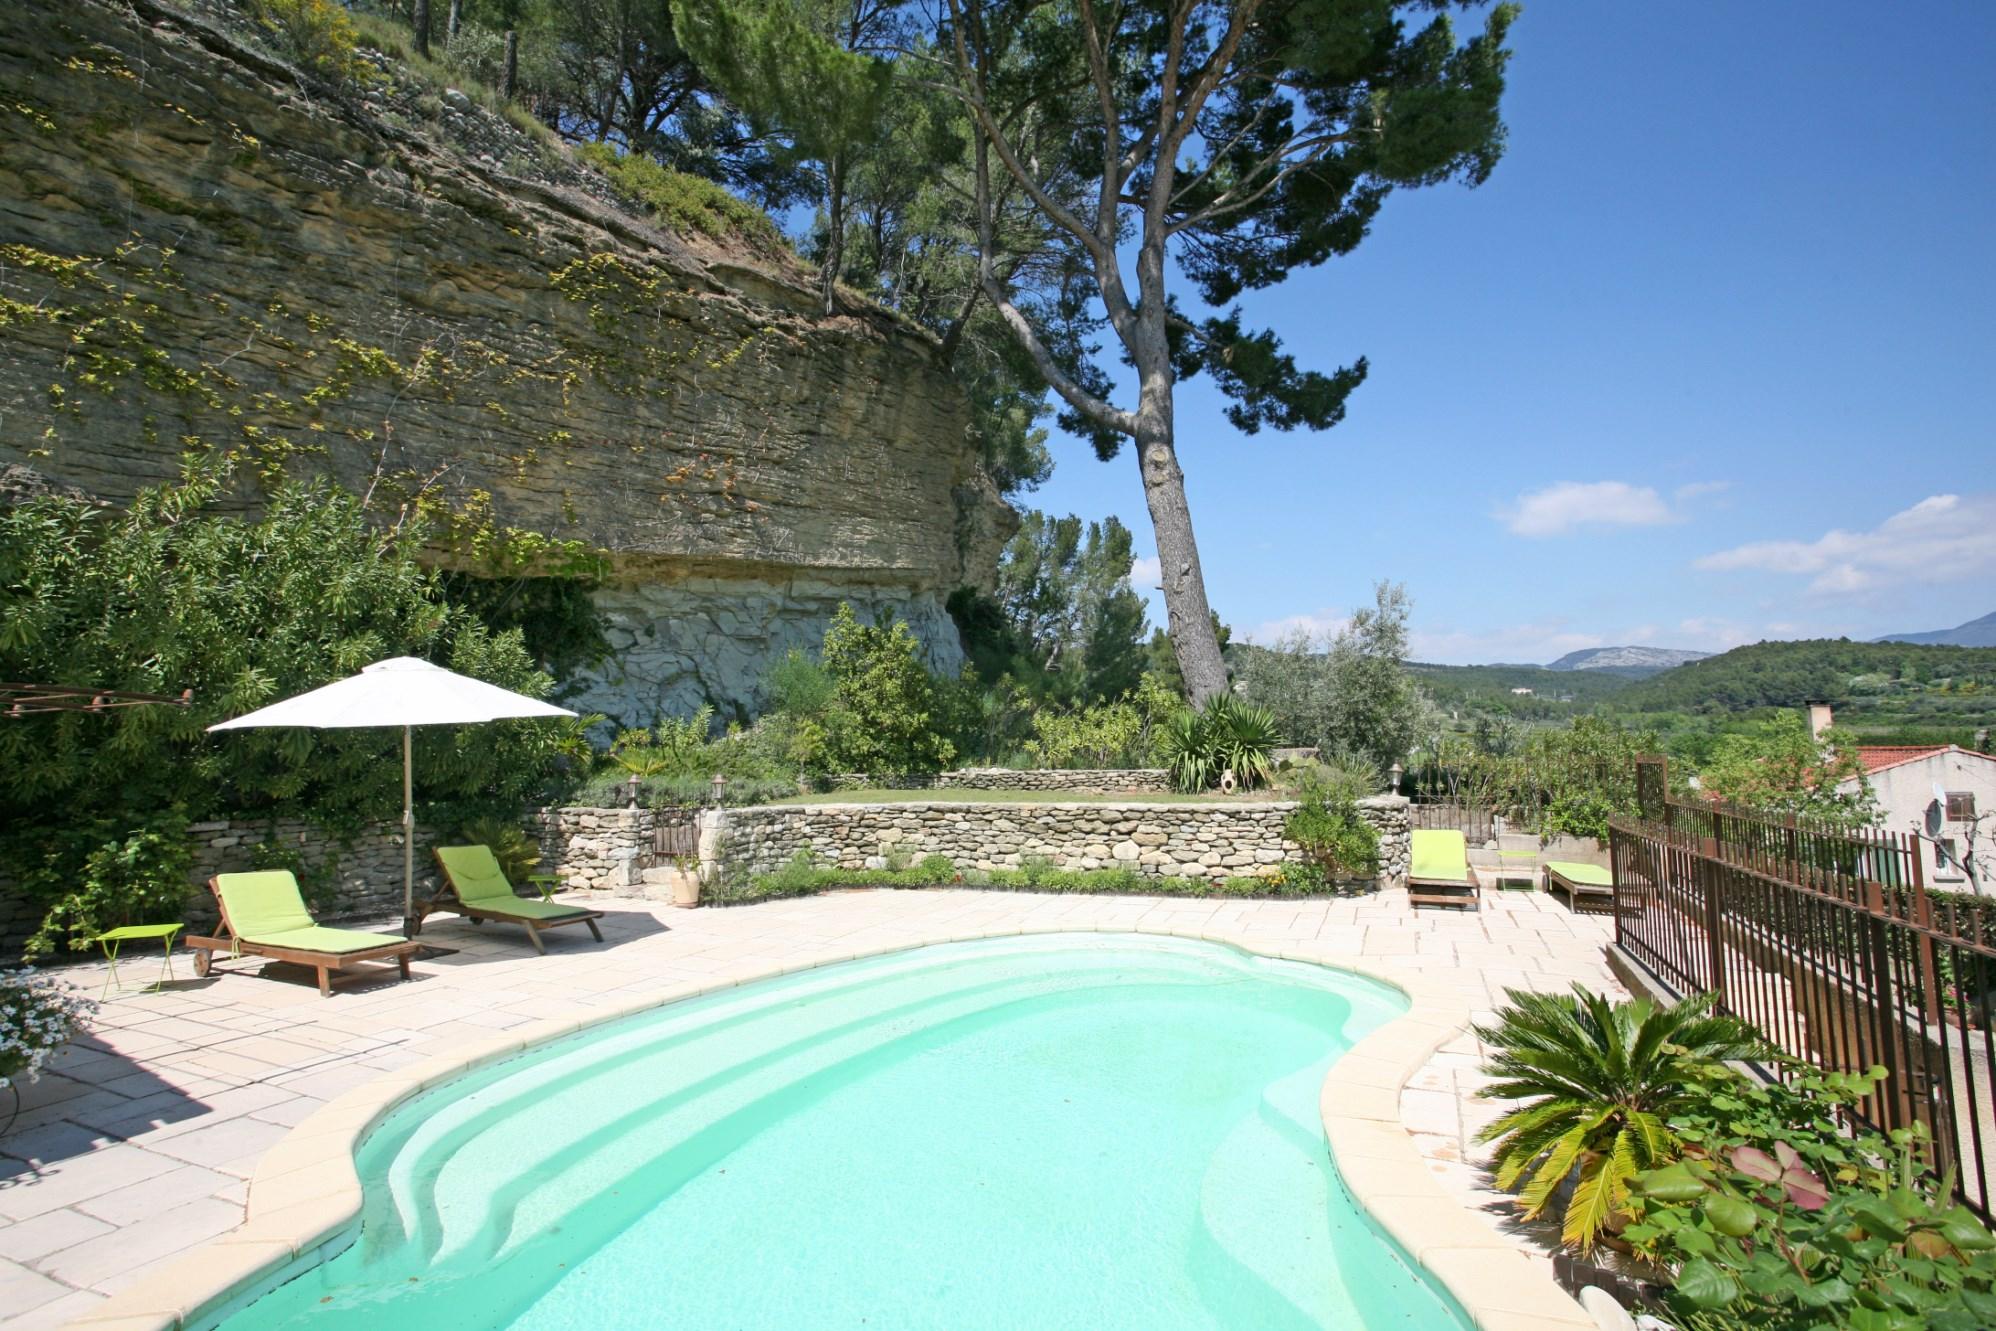 Ventes en vente en provence belle maison de famille avec for Maison jardin piscine